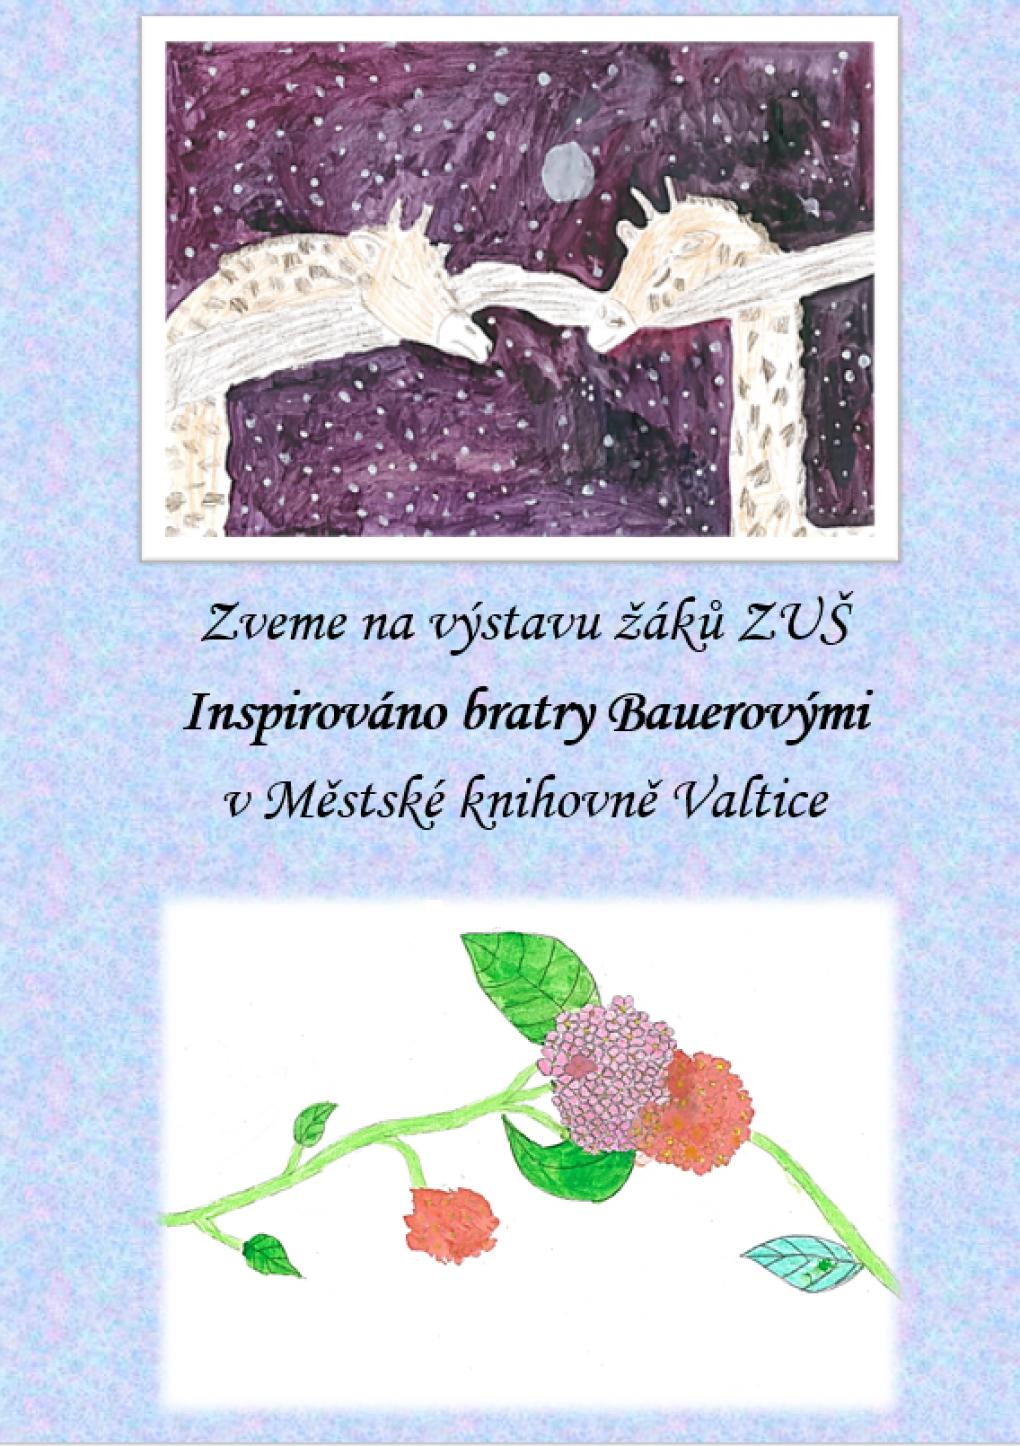 zus_vystava.png